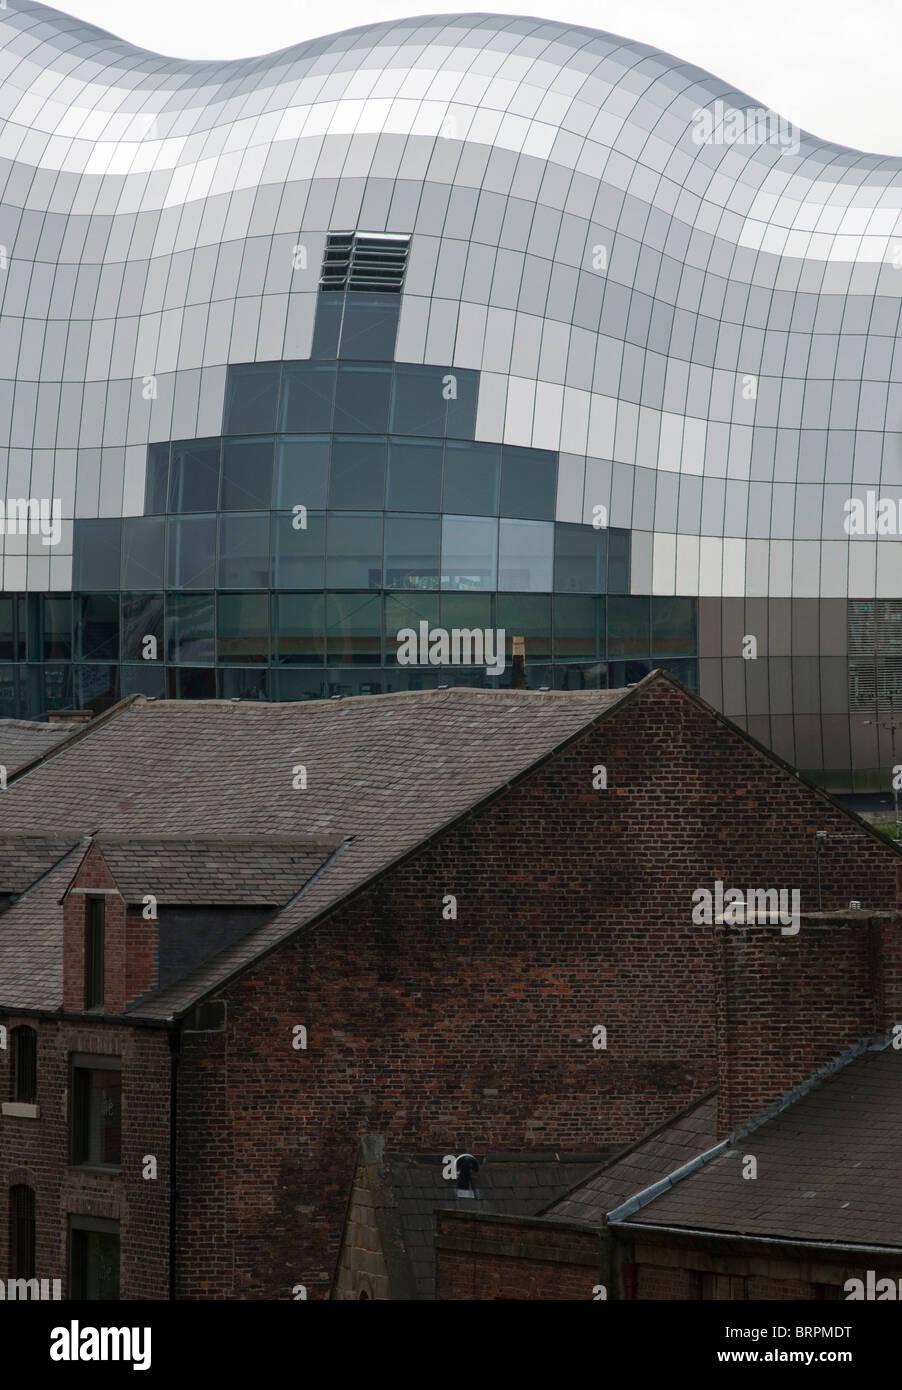 L'ultra moderna Salvia contrasta con i vecchi edifici in mattoni in primo piano. Newcastle upon Tyne, Regno Unito Foto Stock